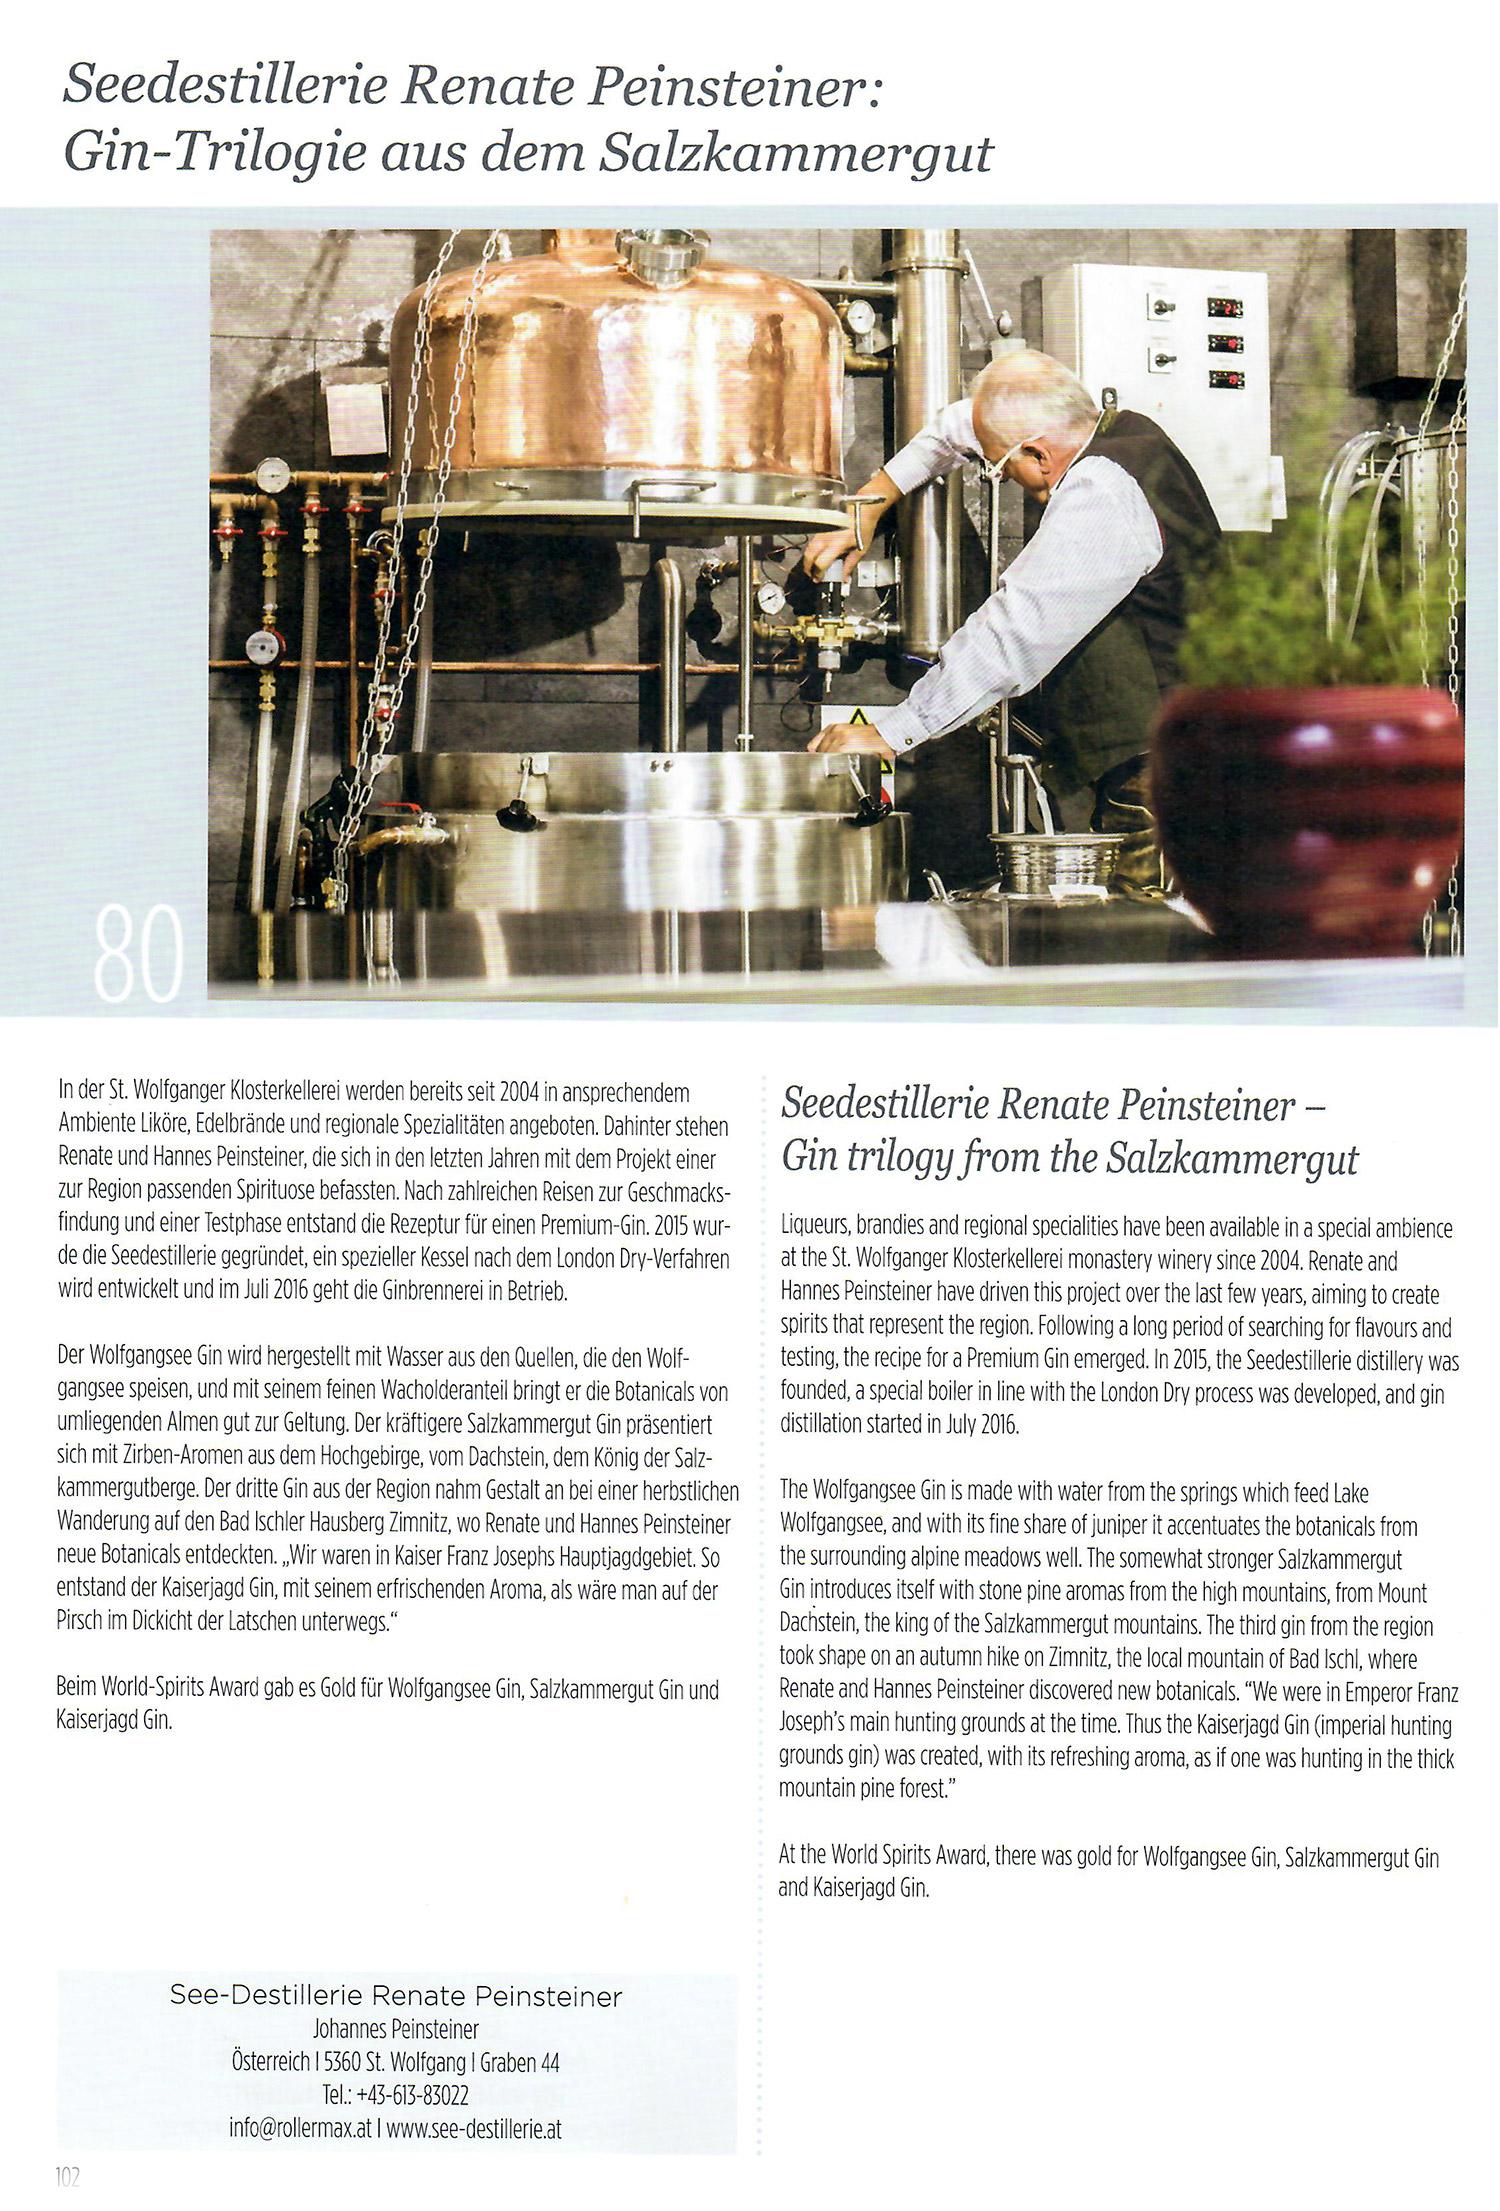 Seedestillerie Renate Peinsteiner: Gin-Trilogie aus dem Salzkammergut – Bericht im WORLDSPIRITSGUIDE 2018